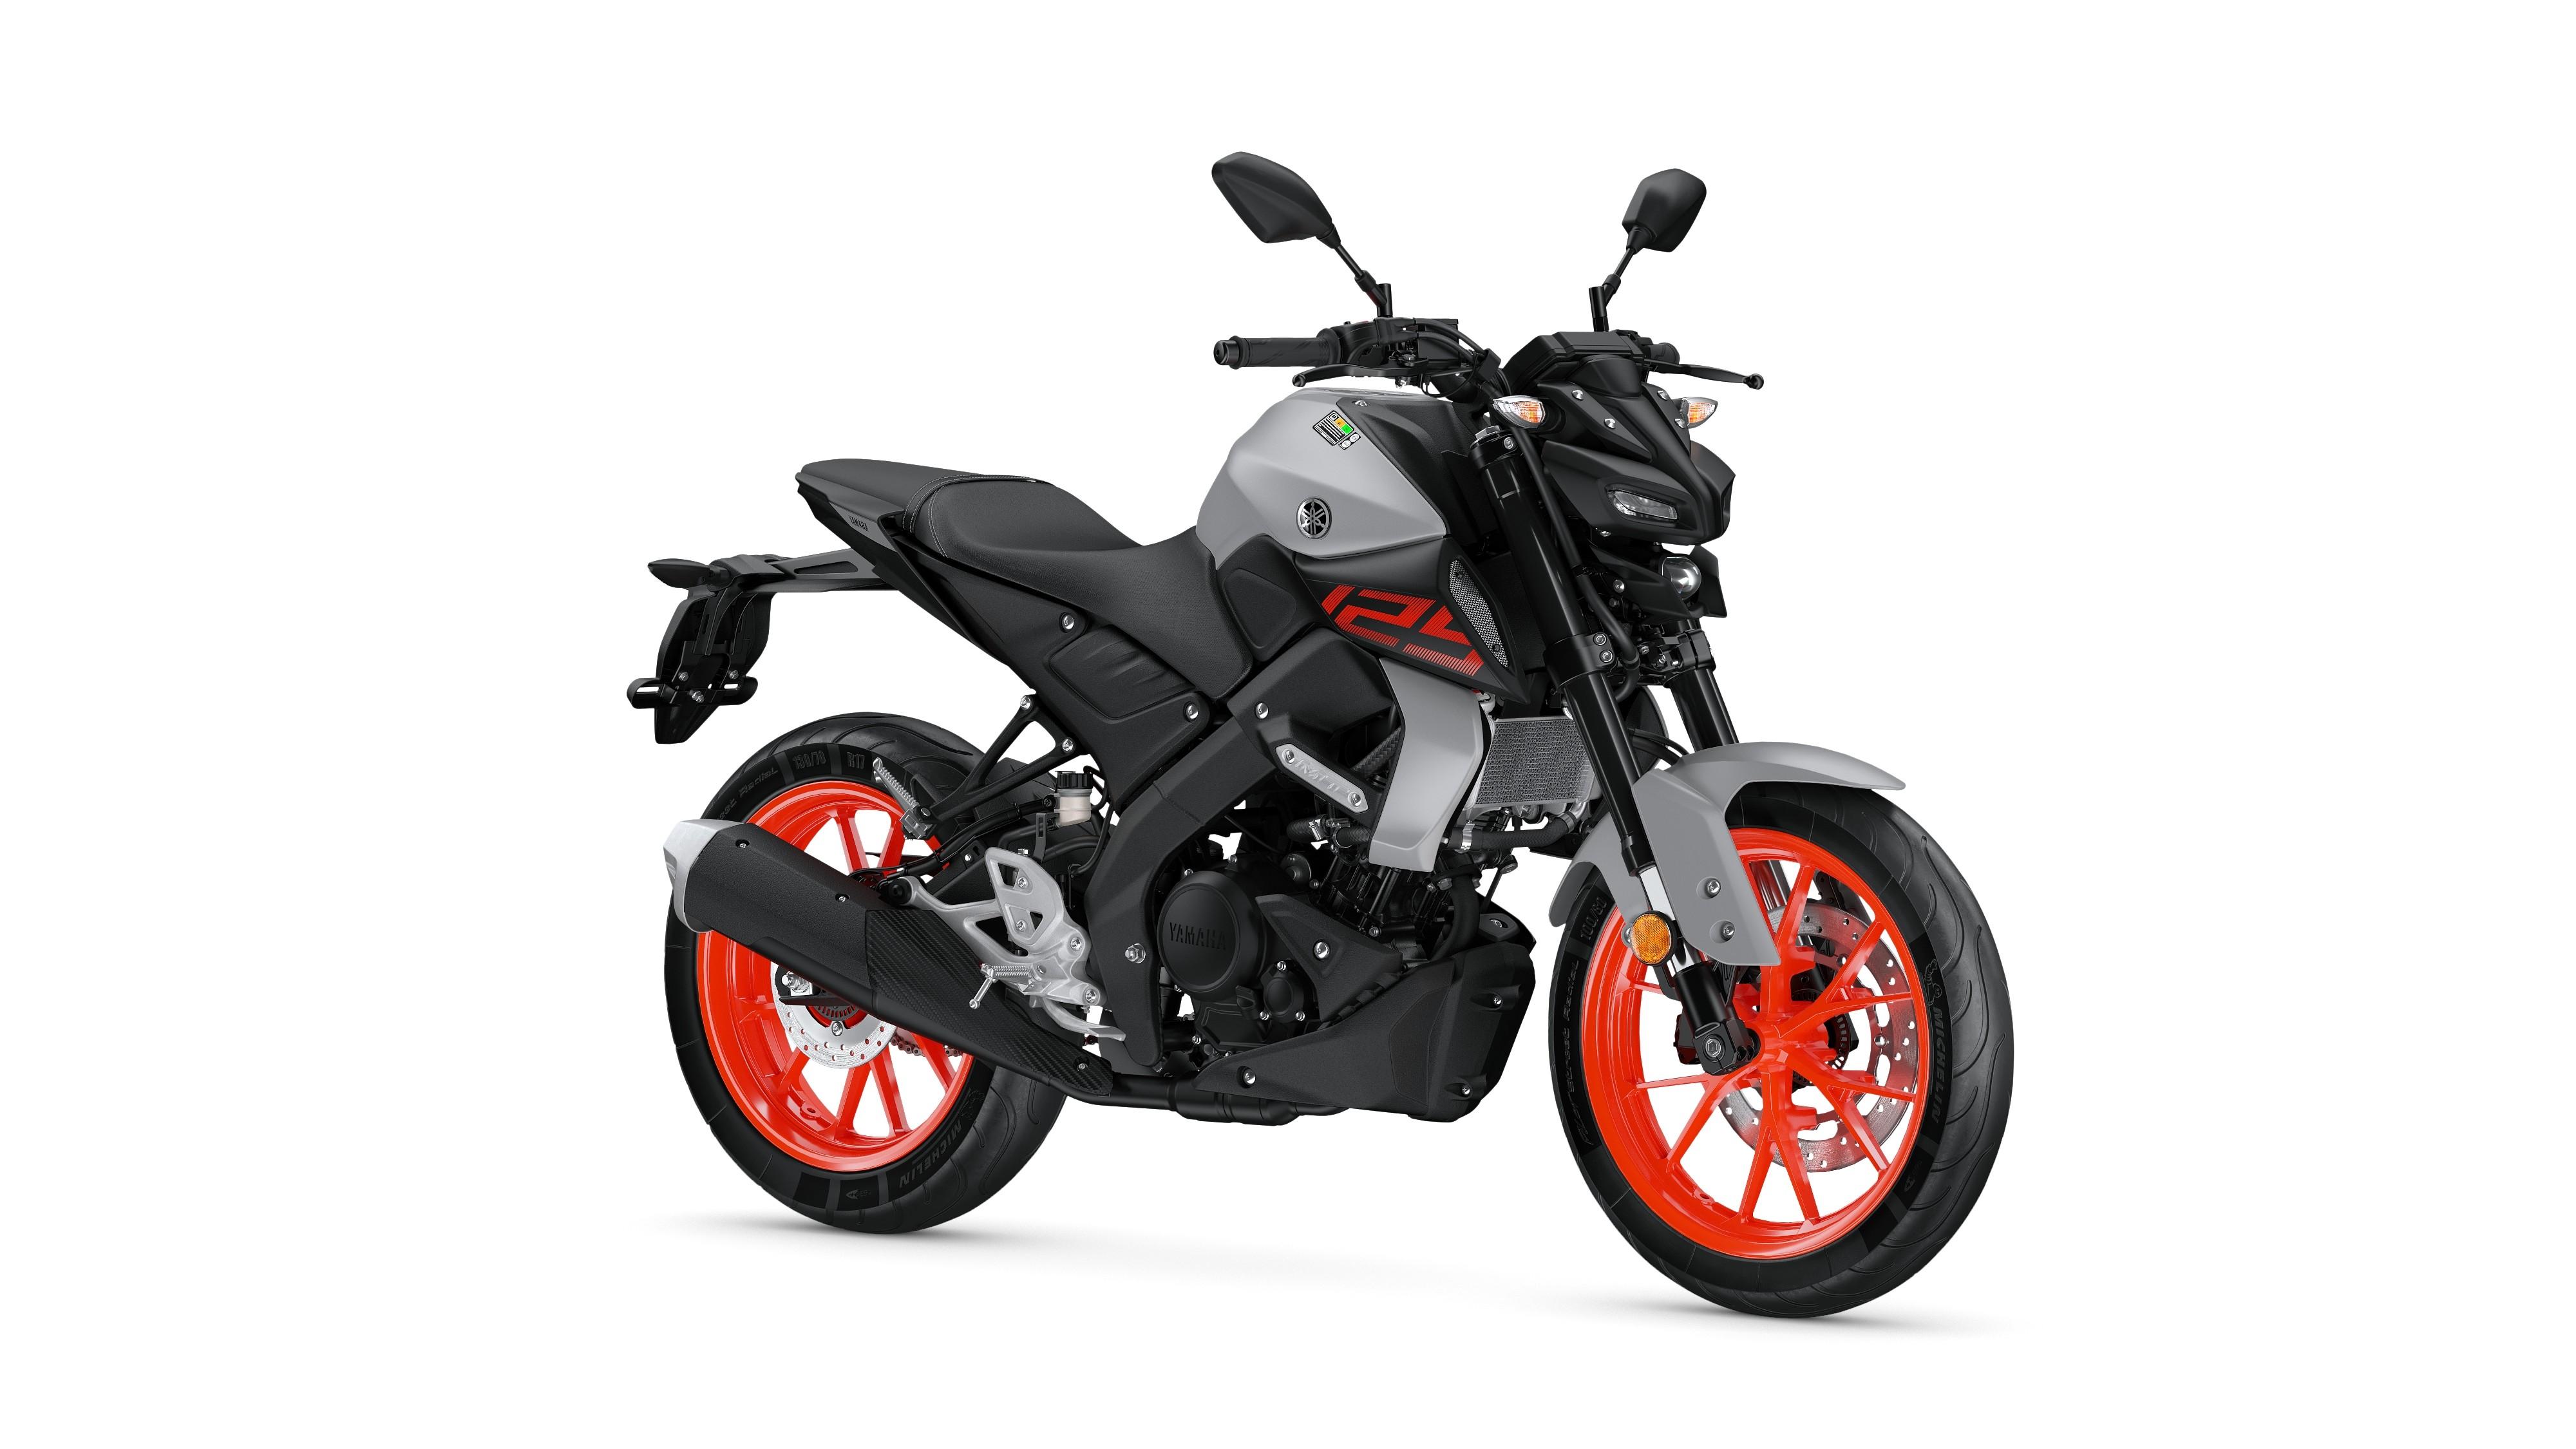 Yamaha MT-125 é apresentada como opção 'naked' de baixa cilindrada